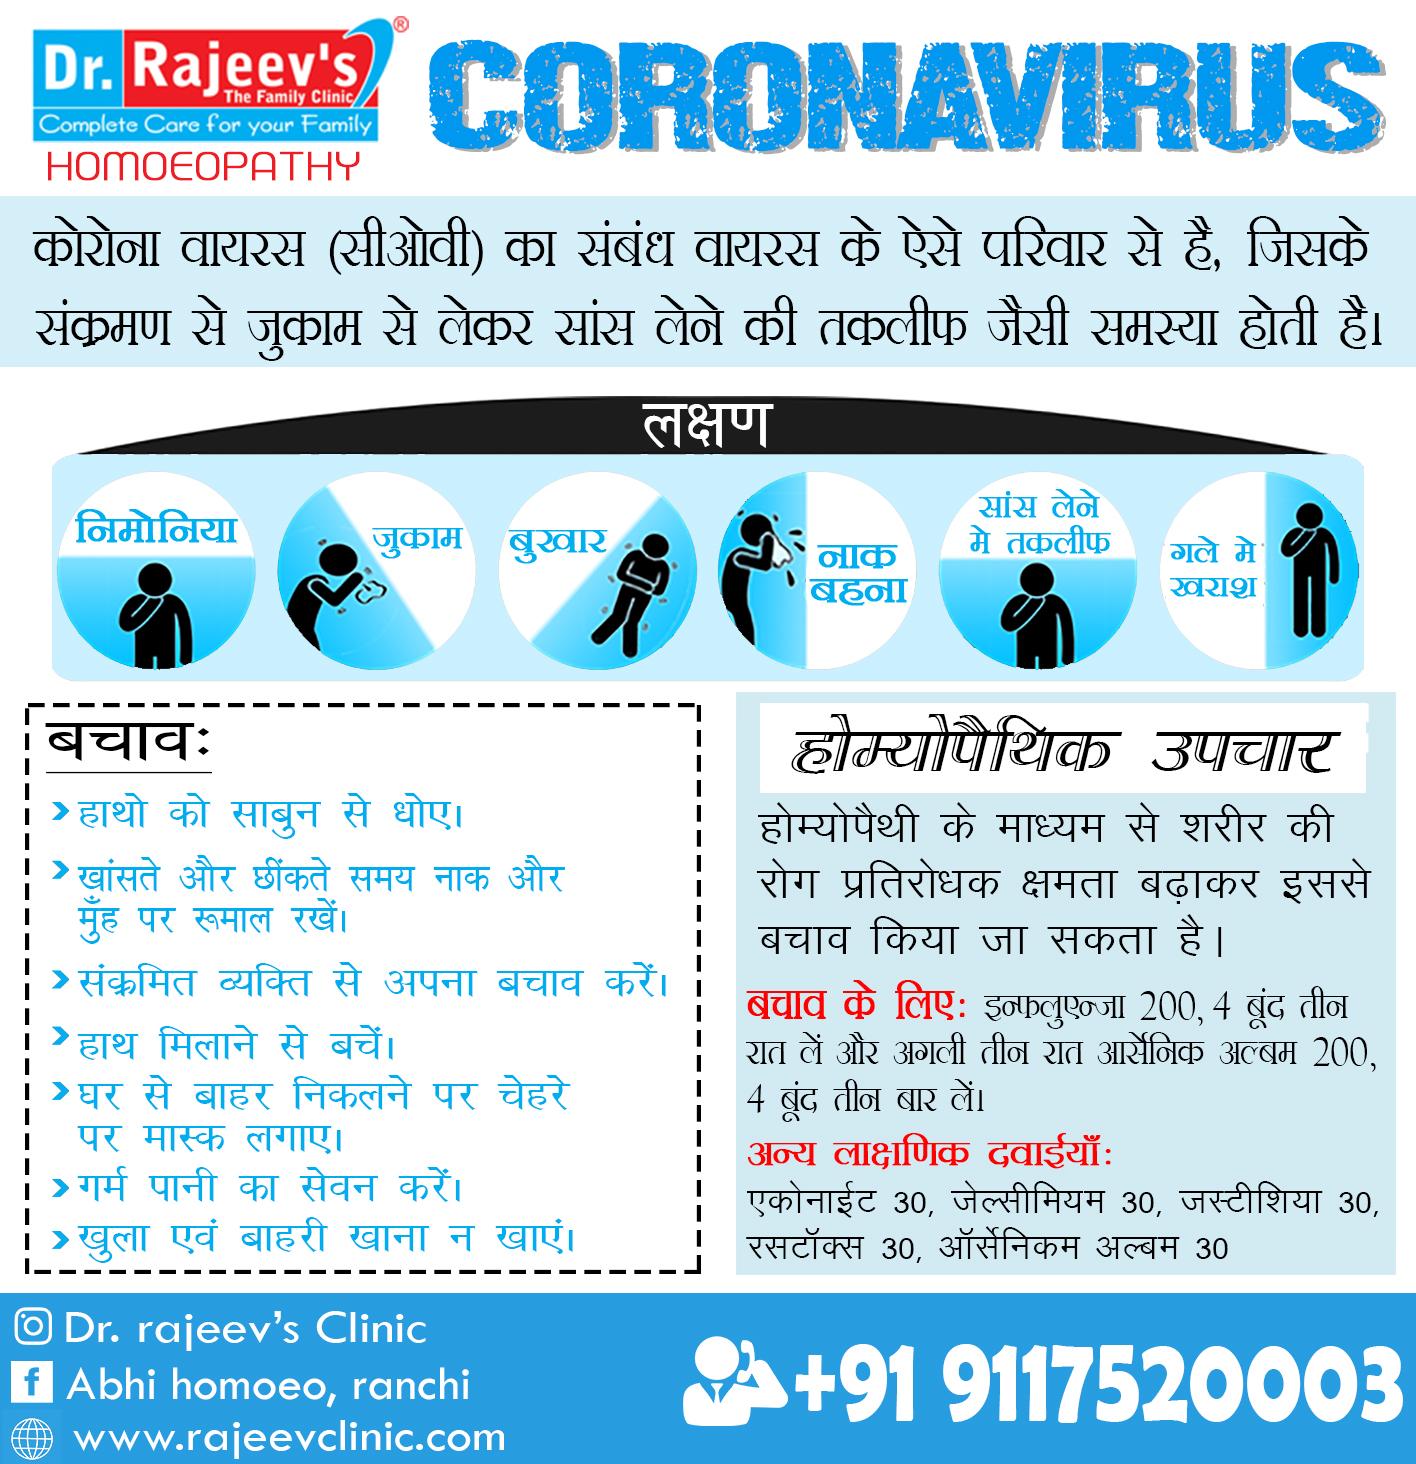 कोरोना वायरस (Corona Virus) से बचाव का समाधान है होम्योपैथी में